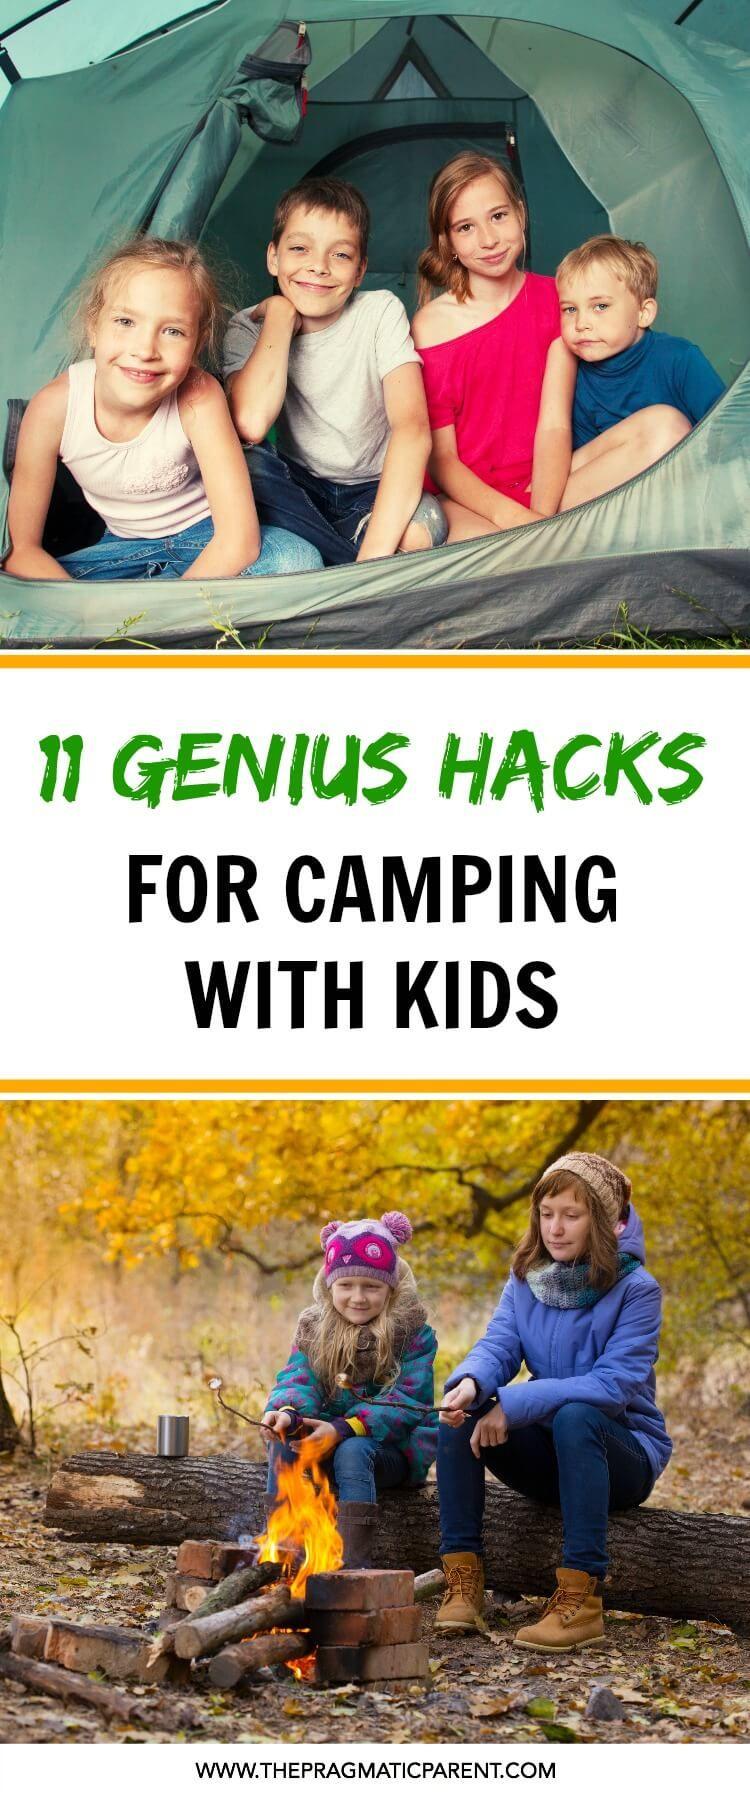 Photo of Genius Hacks to Make Camping with Kids Fun & Stress-Free